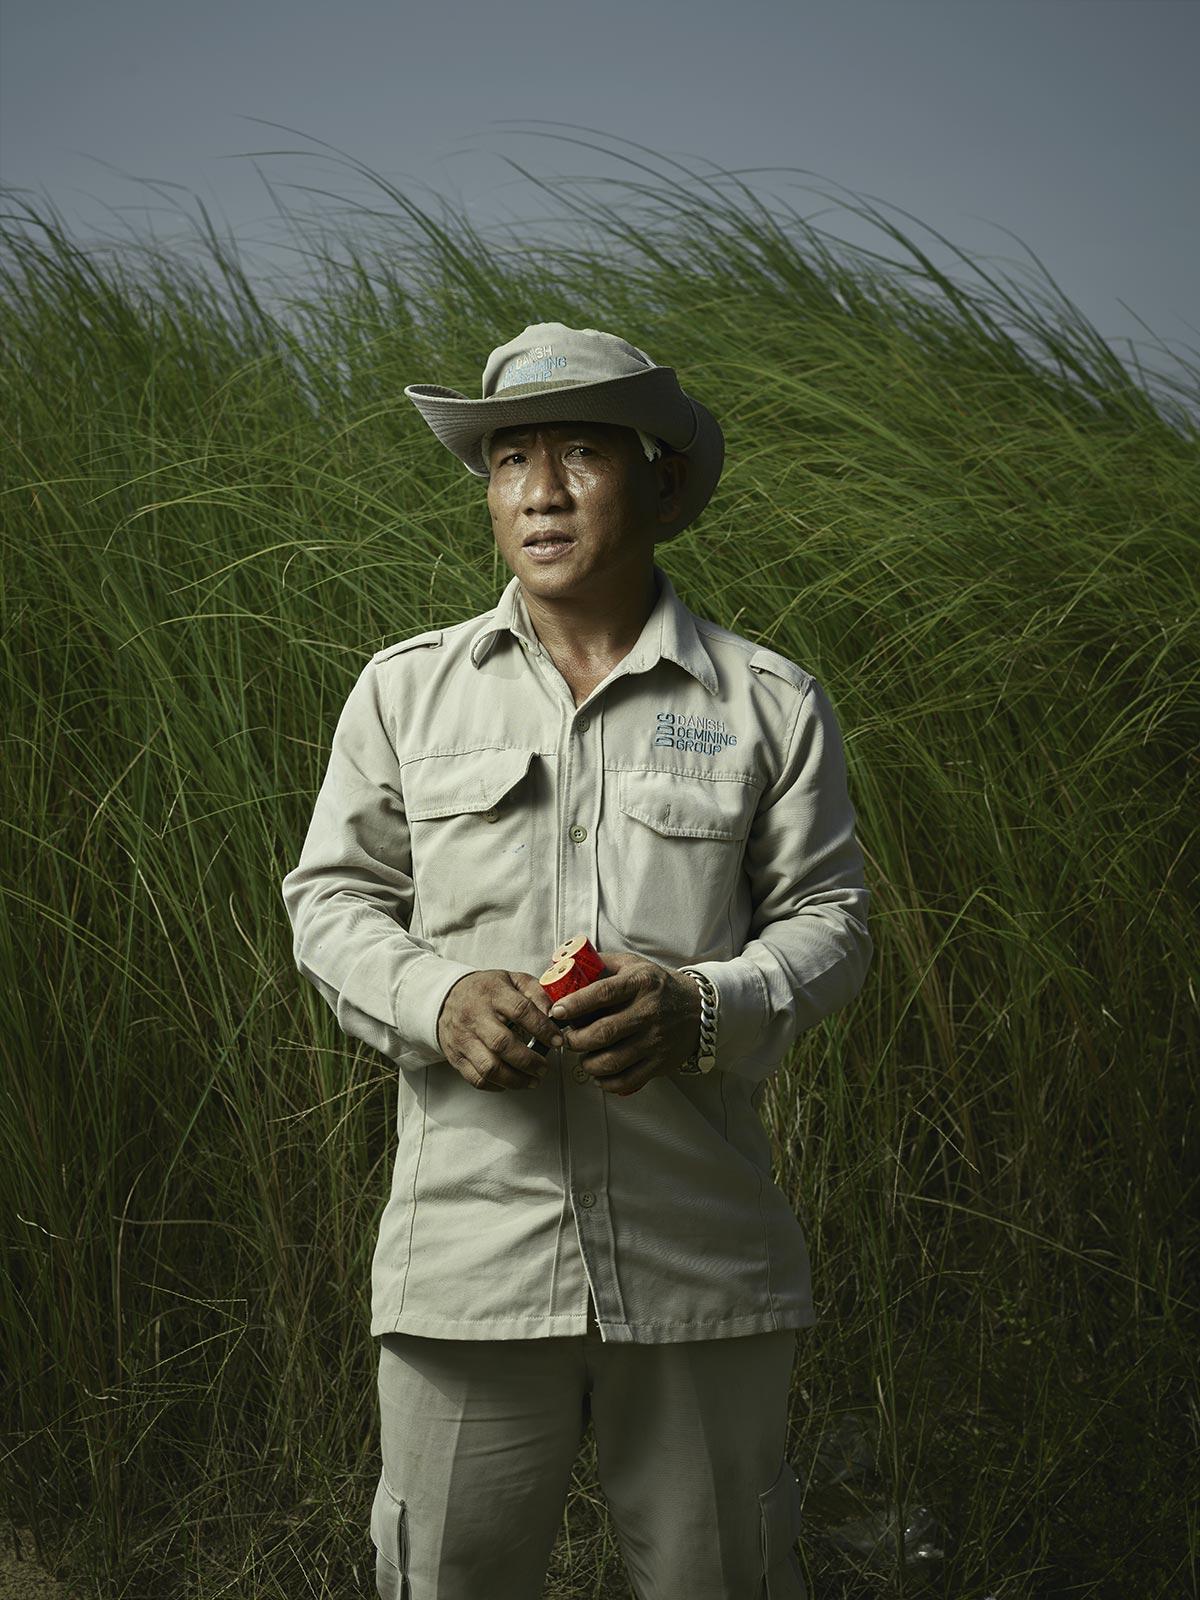 NguyenMinhDuc